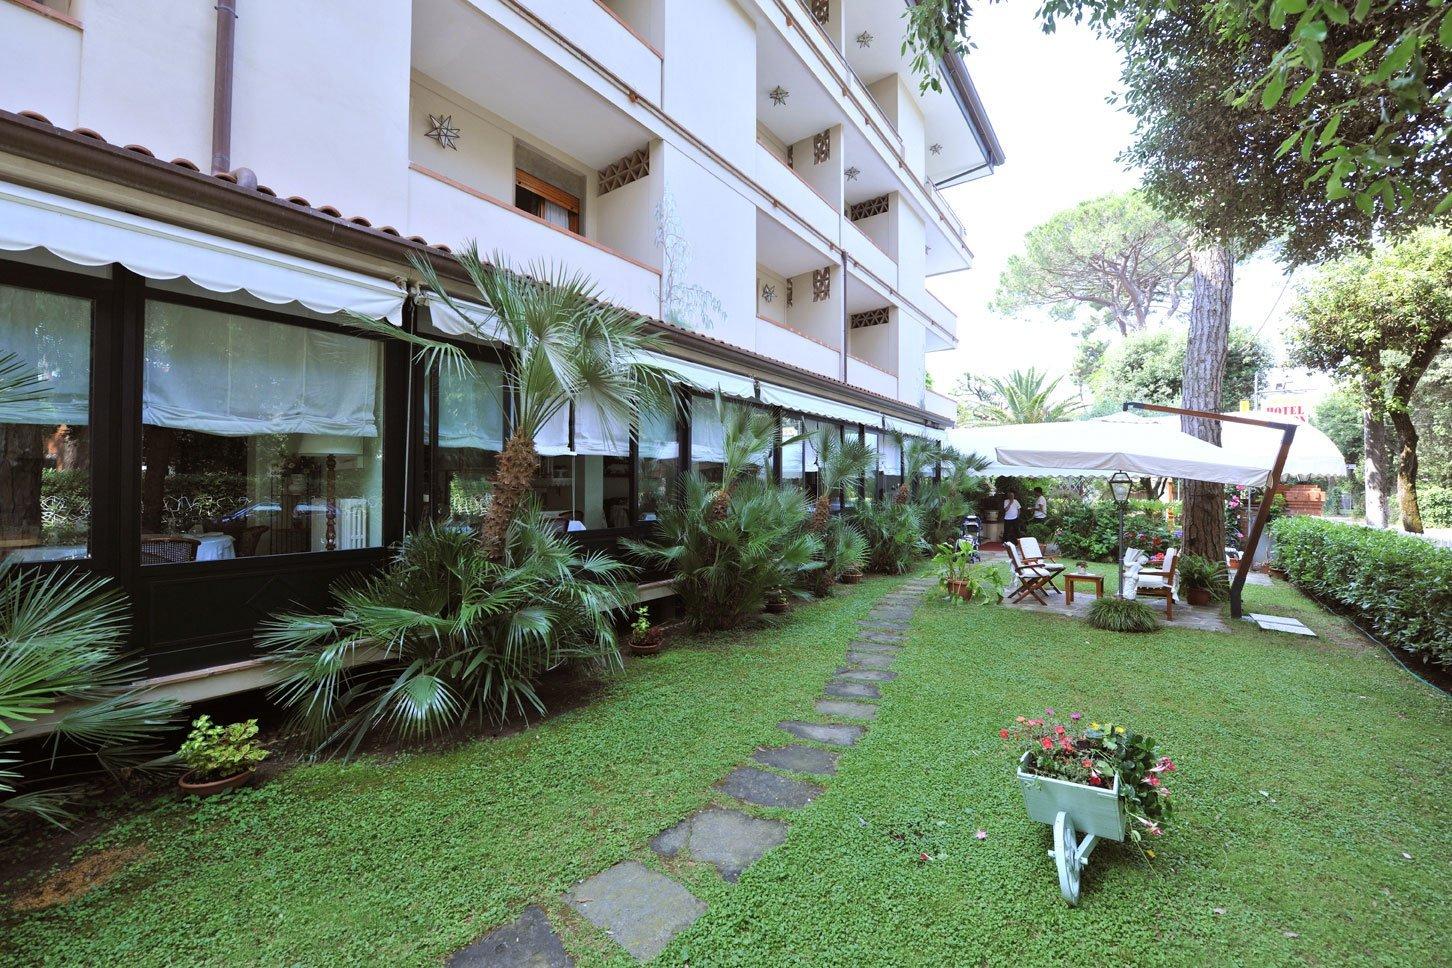 giardino di un hotel con sentiero in pietra